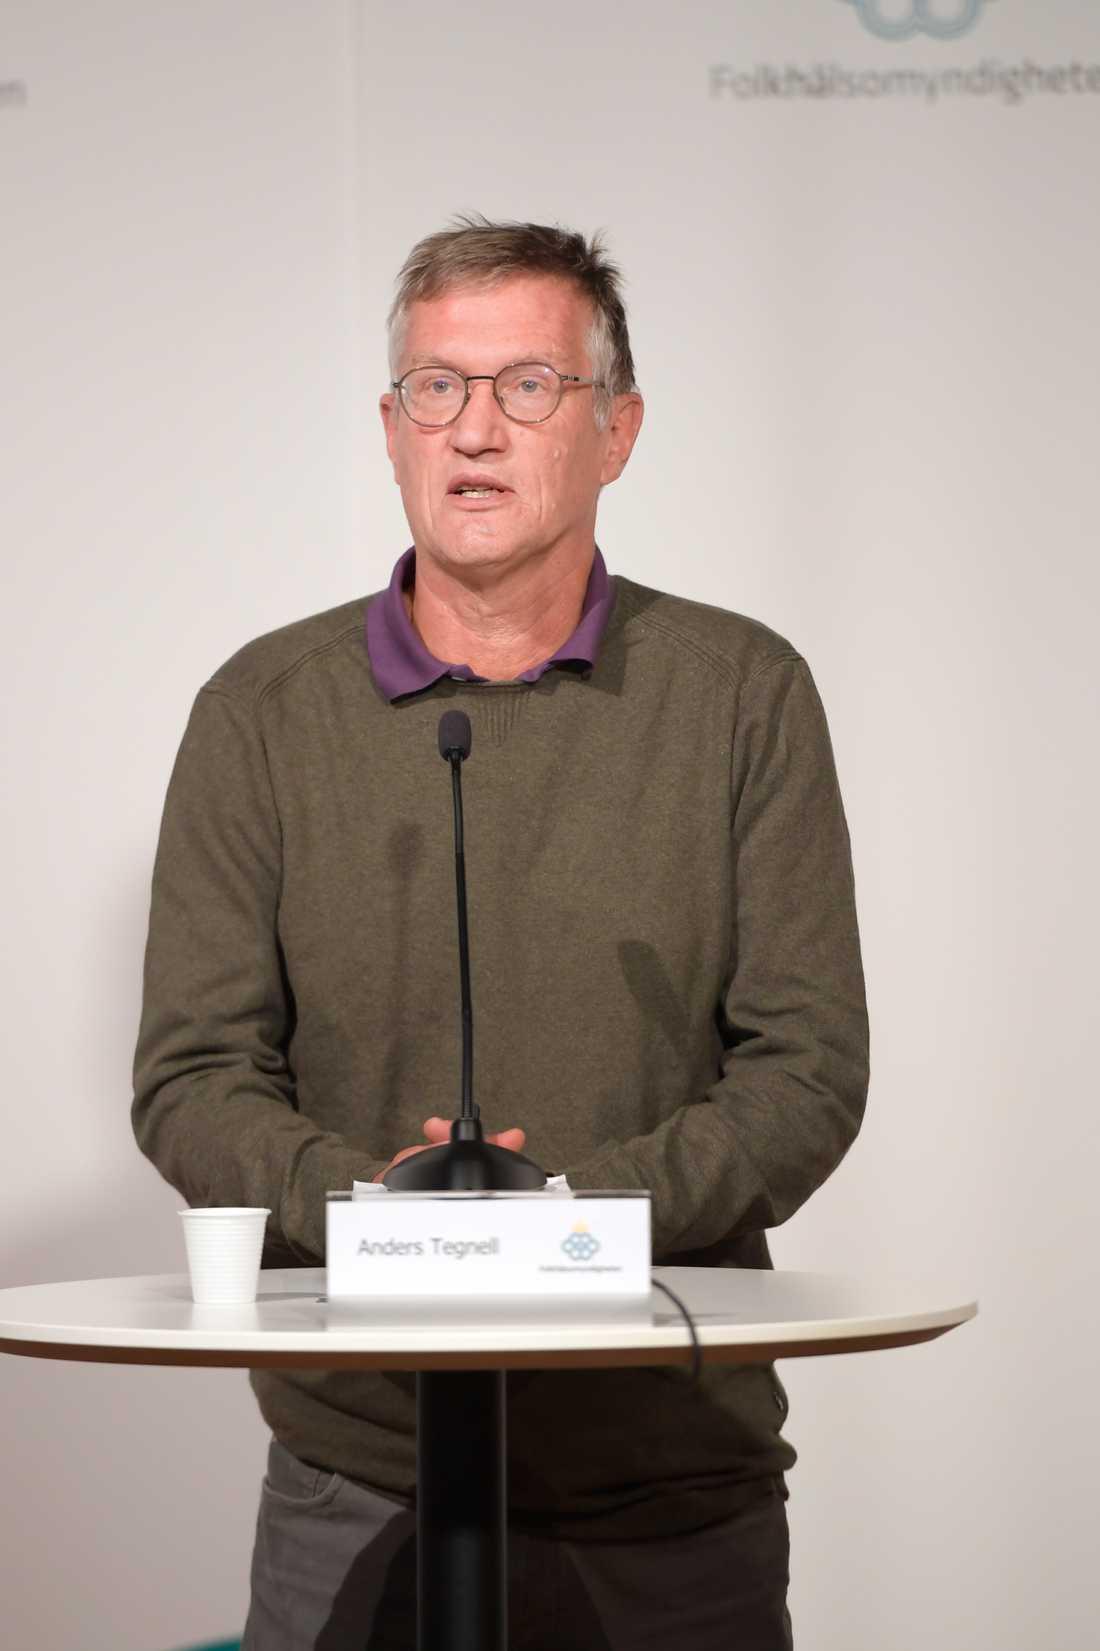 Anders Tegnell, statsepidemiolog, Folkhälsomyndigheten, under torsdagens myndighetsgemensamma pressträff om coronapandemin.